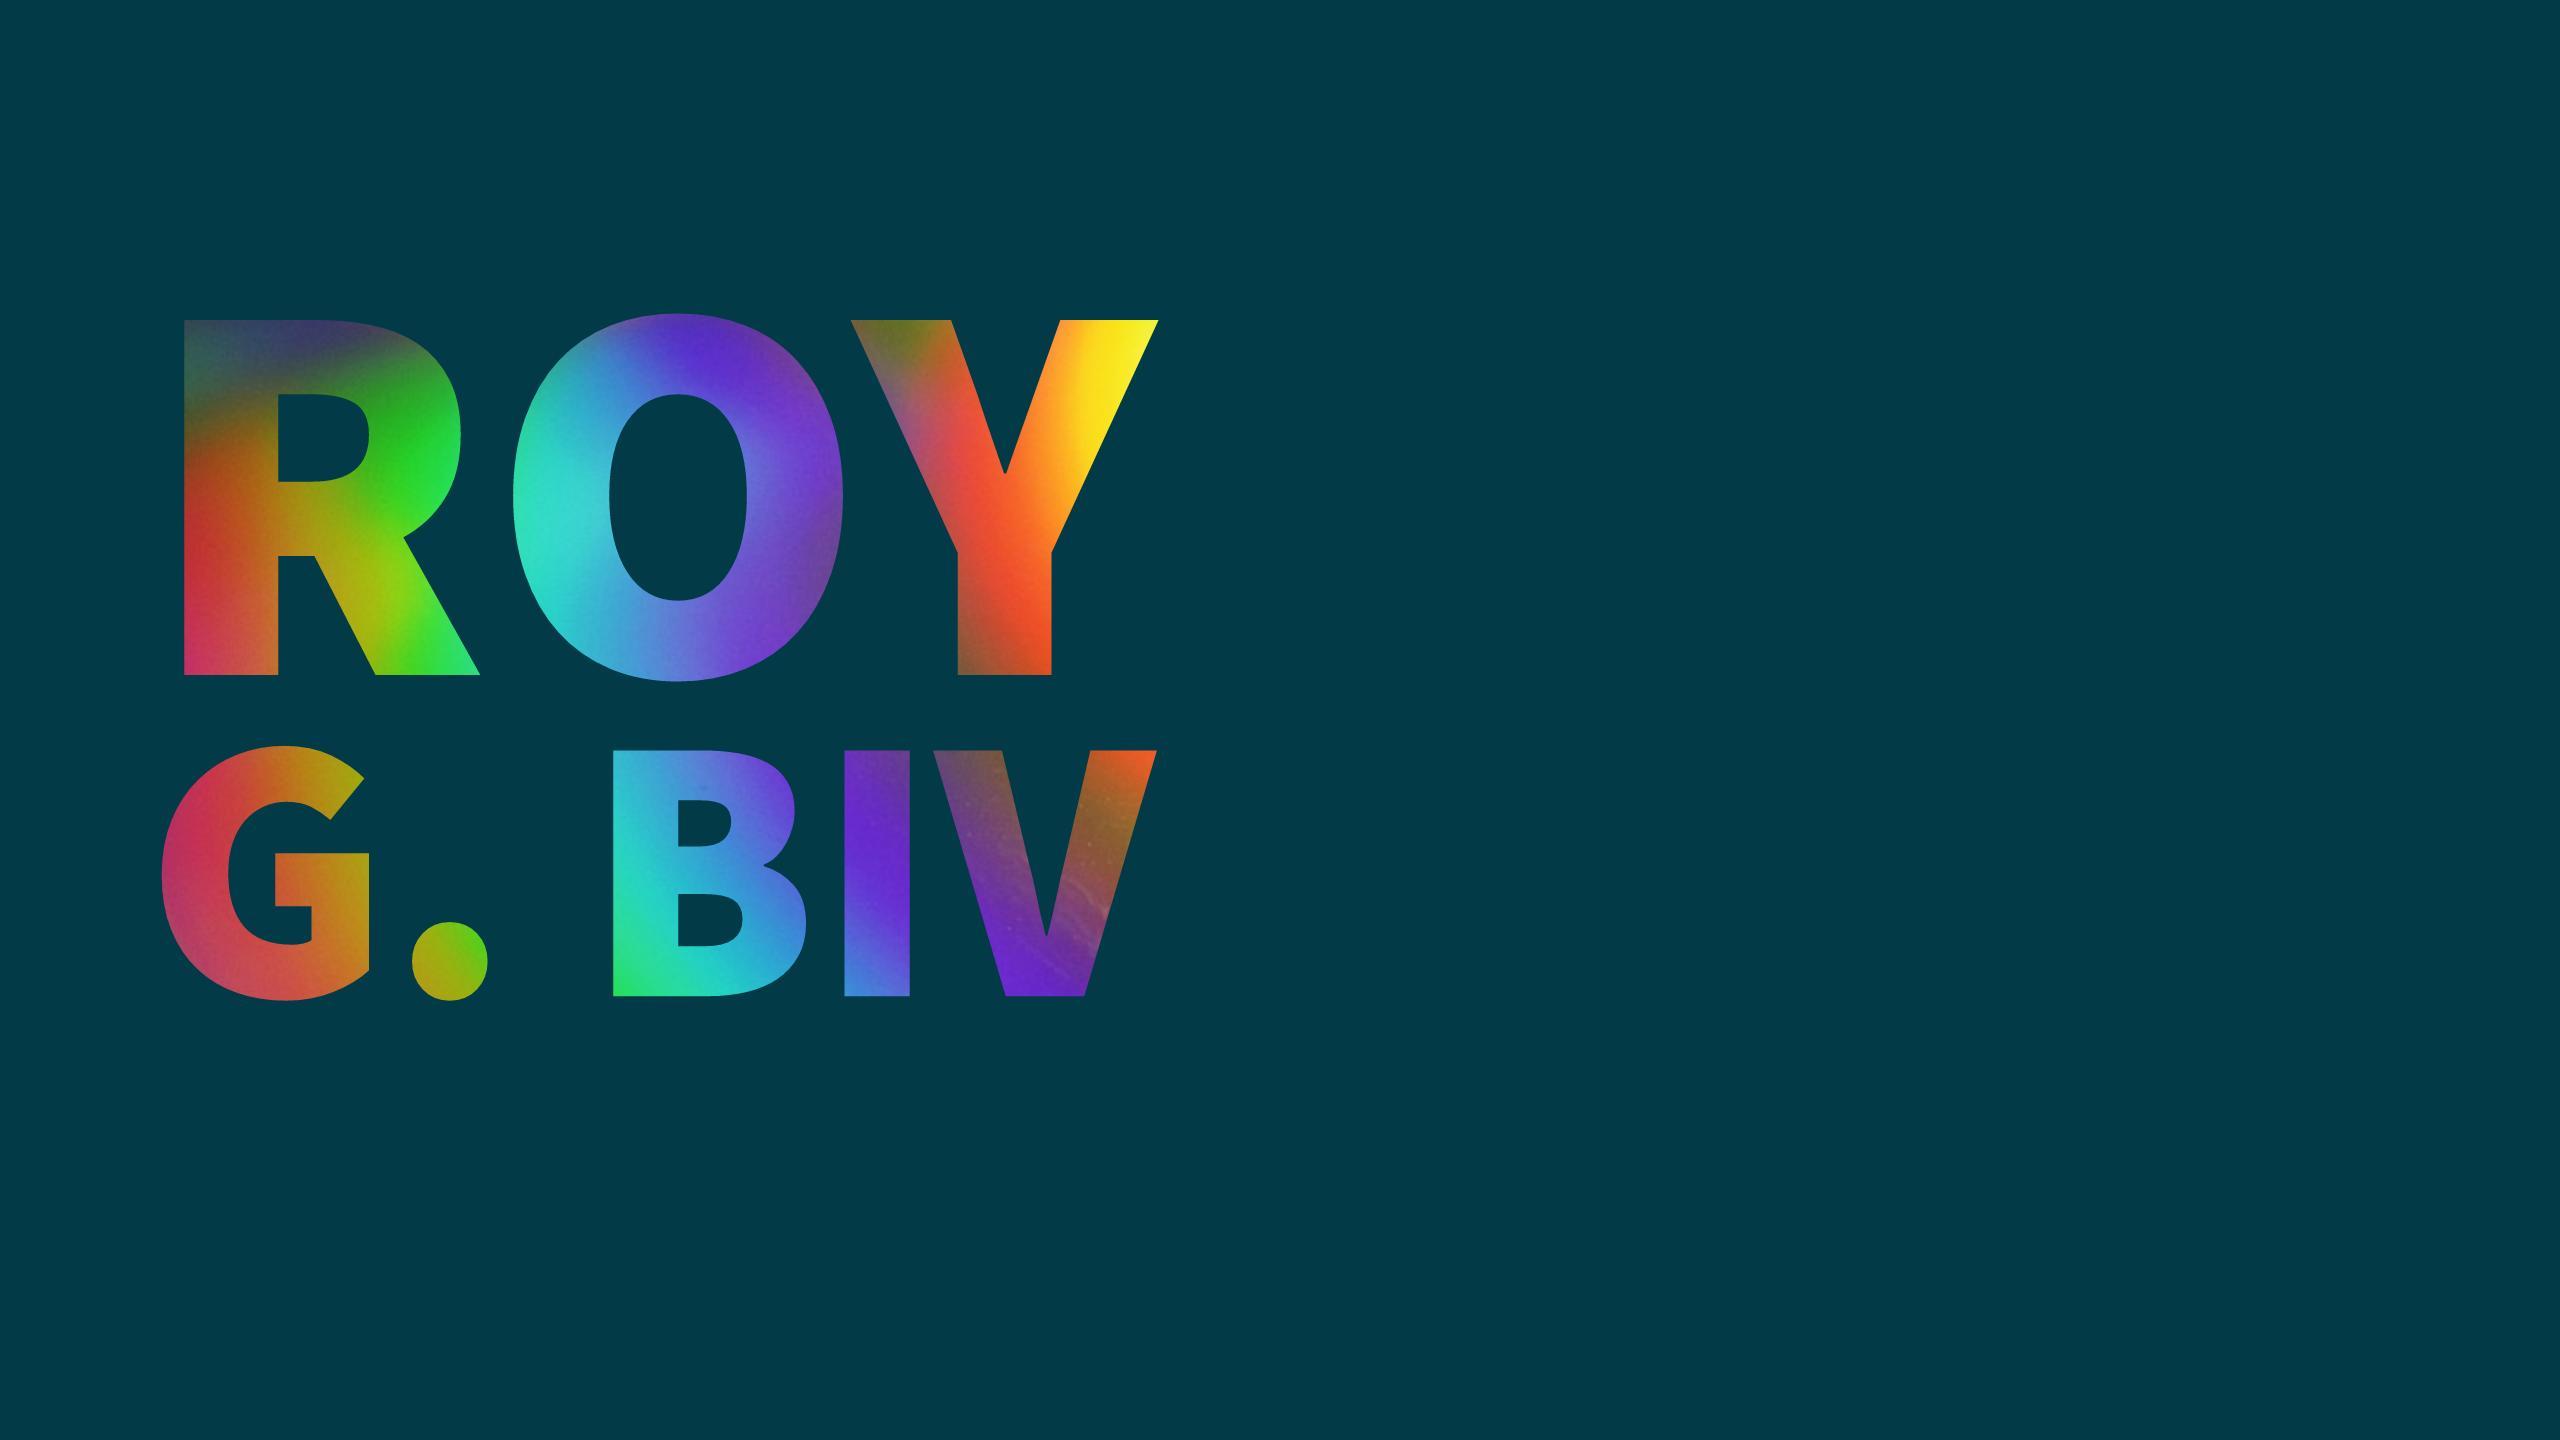 Rainbow colors acronym